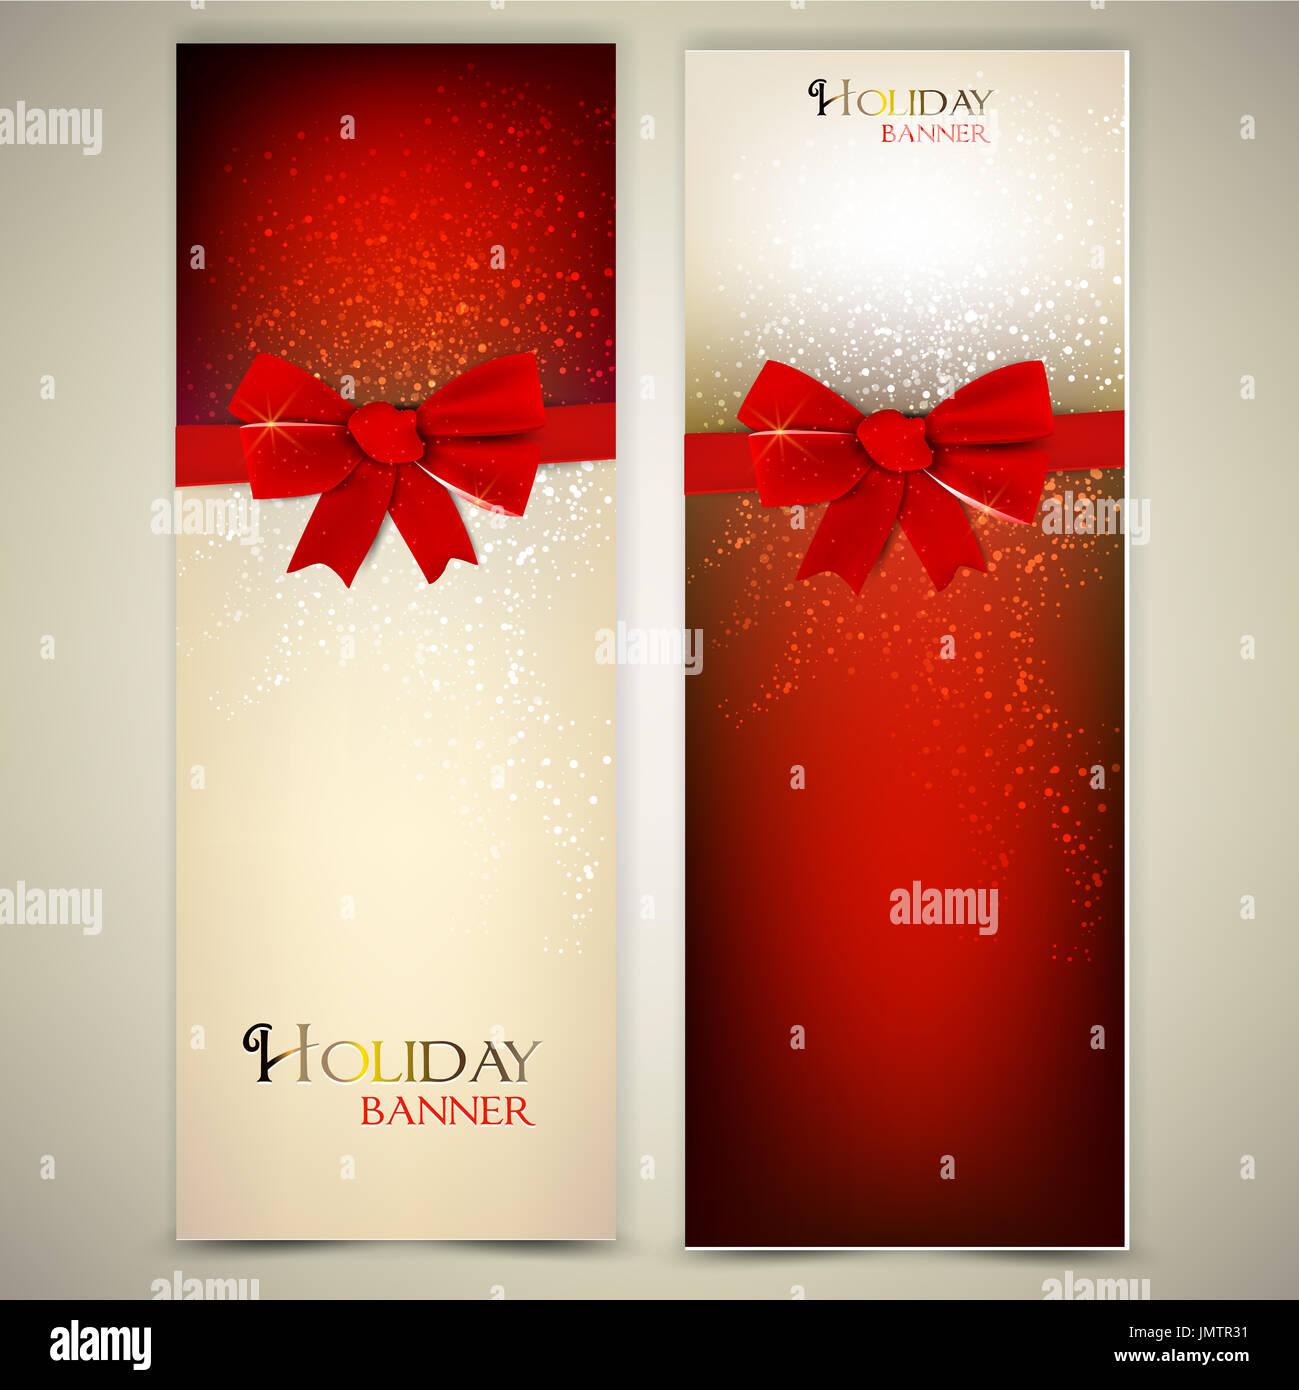 Christmas Holiday Greetings Illustration Stock Photos Christmas